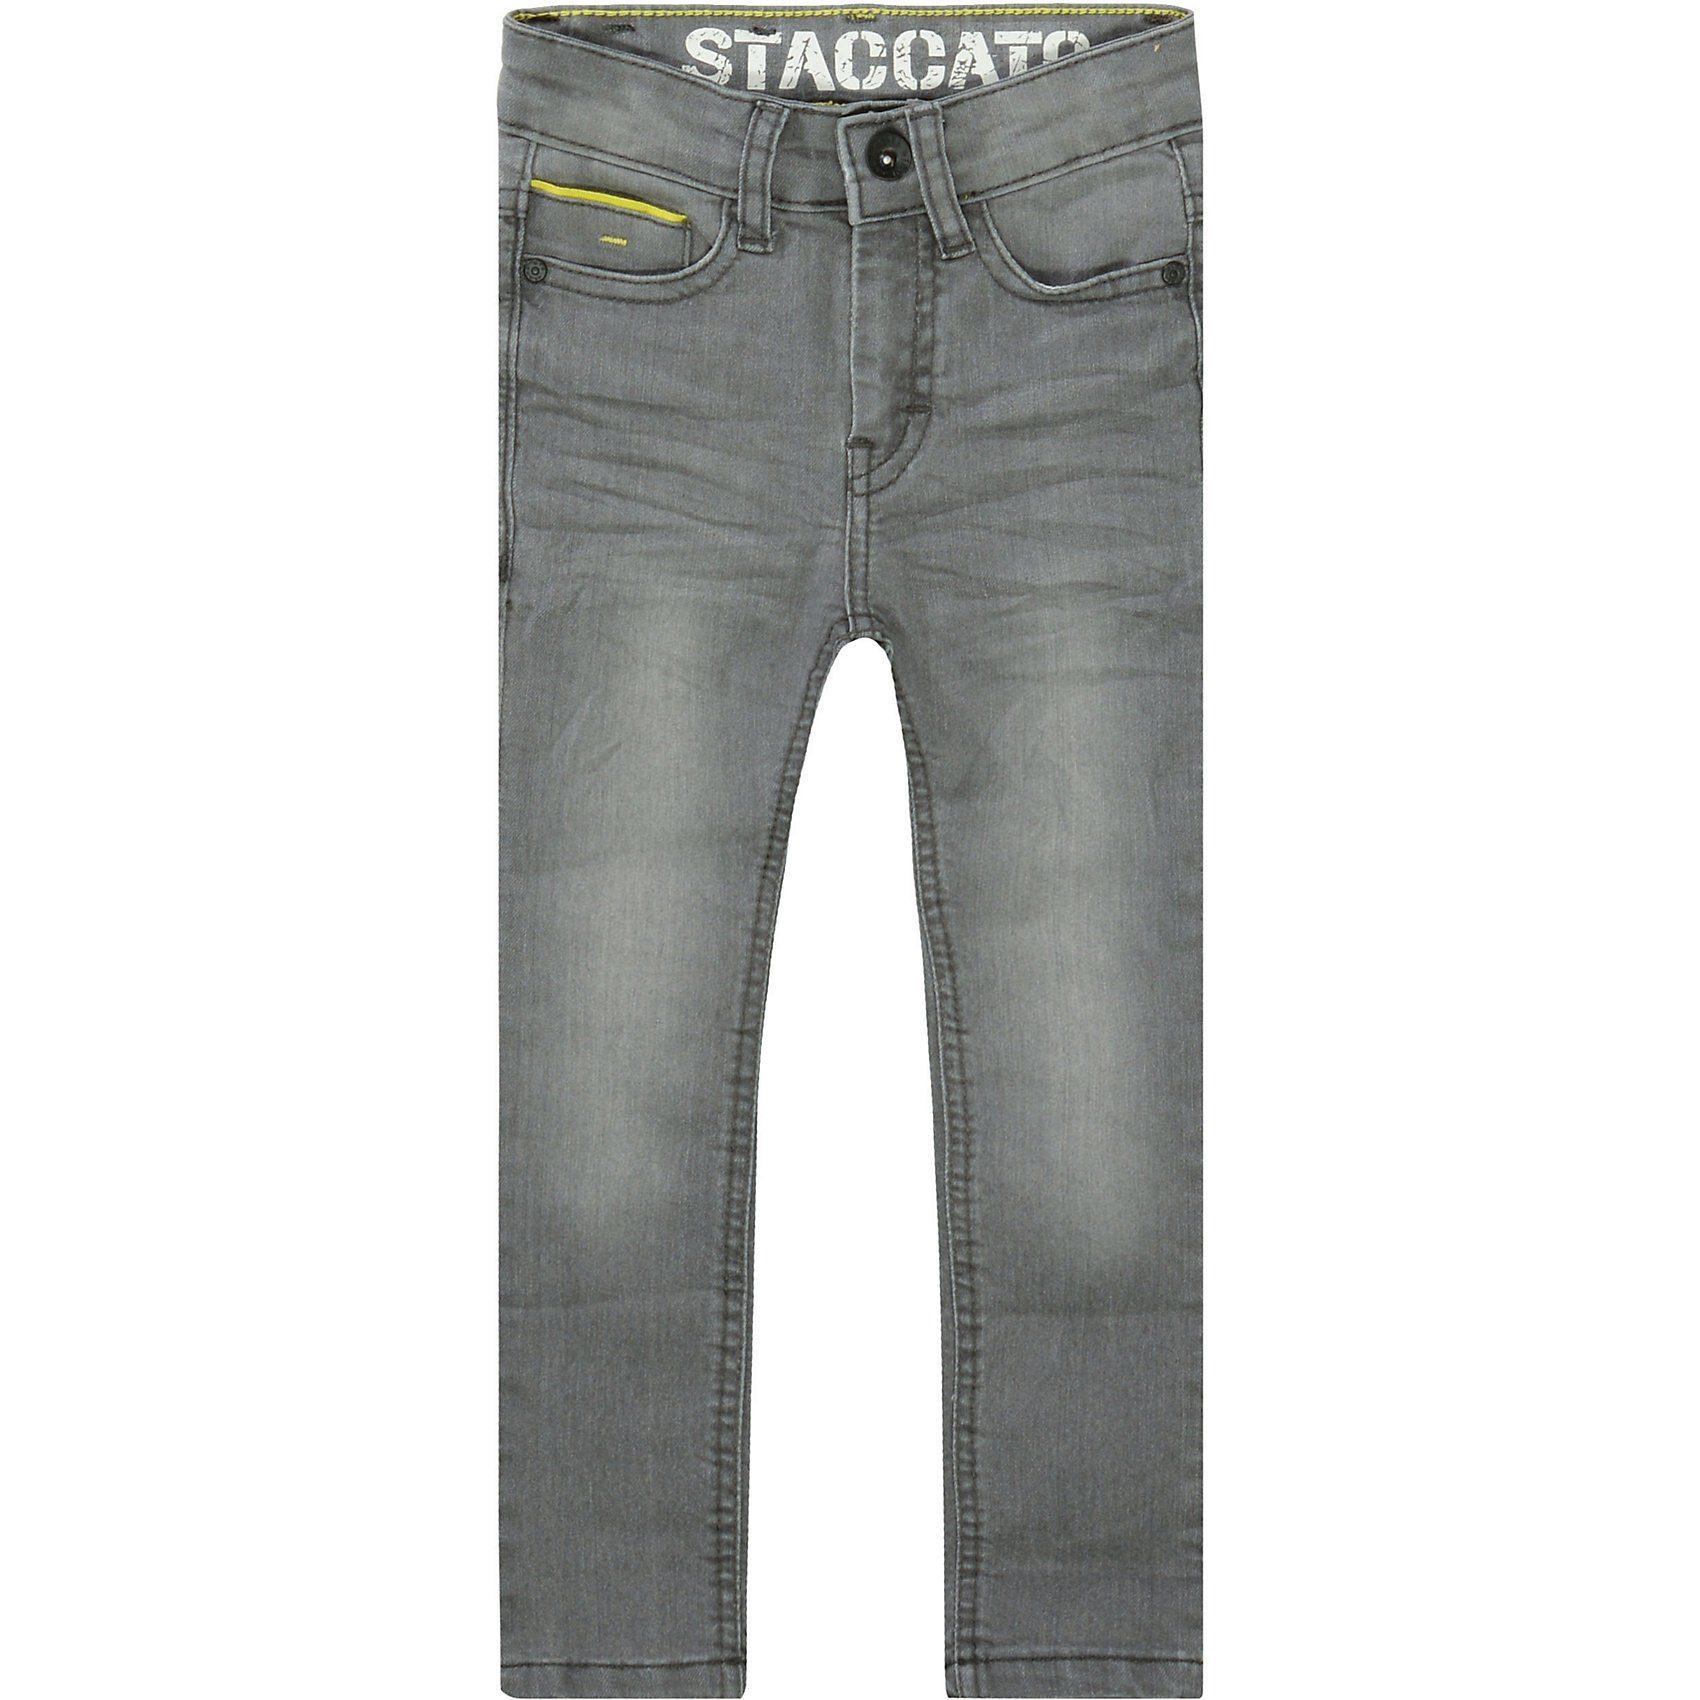 STACCATO Jeans Skinny Fit für Jungen, Bundweite REGULAR online kaufen   OTTO